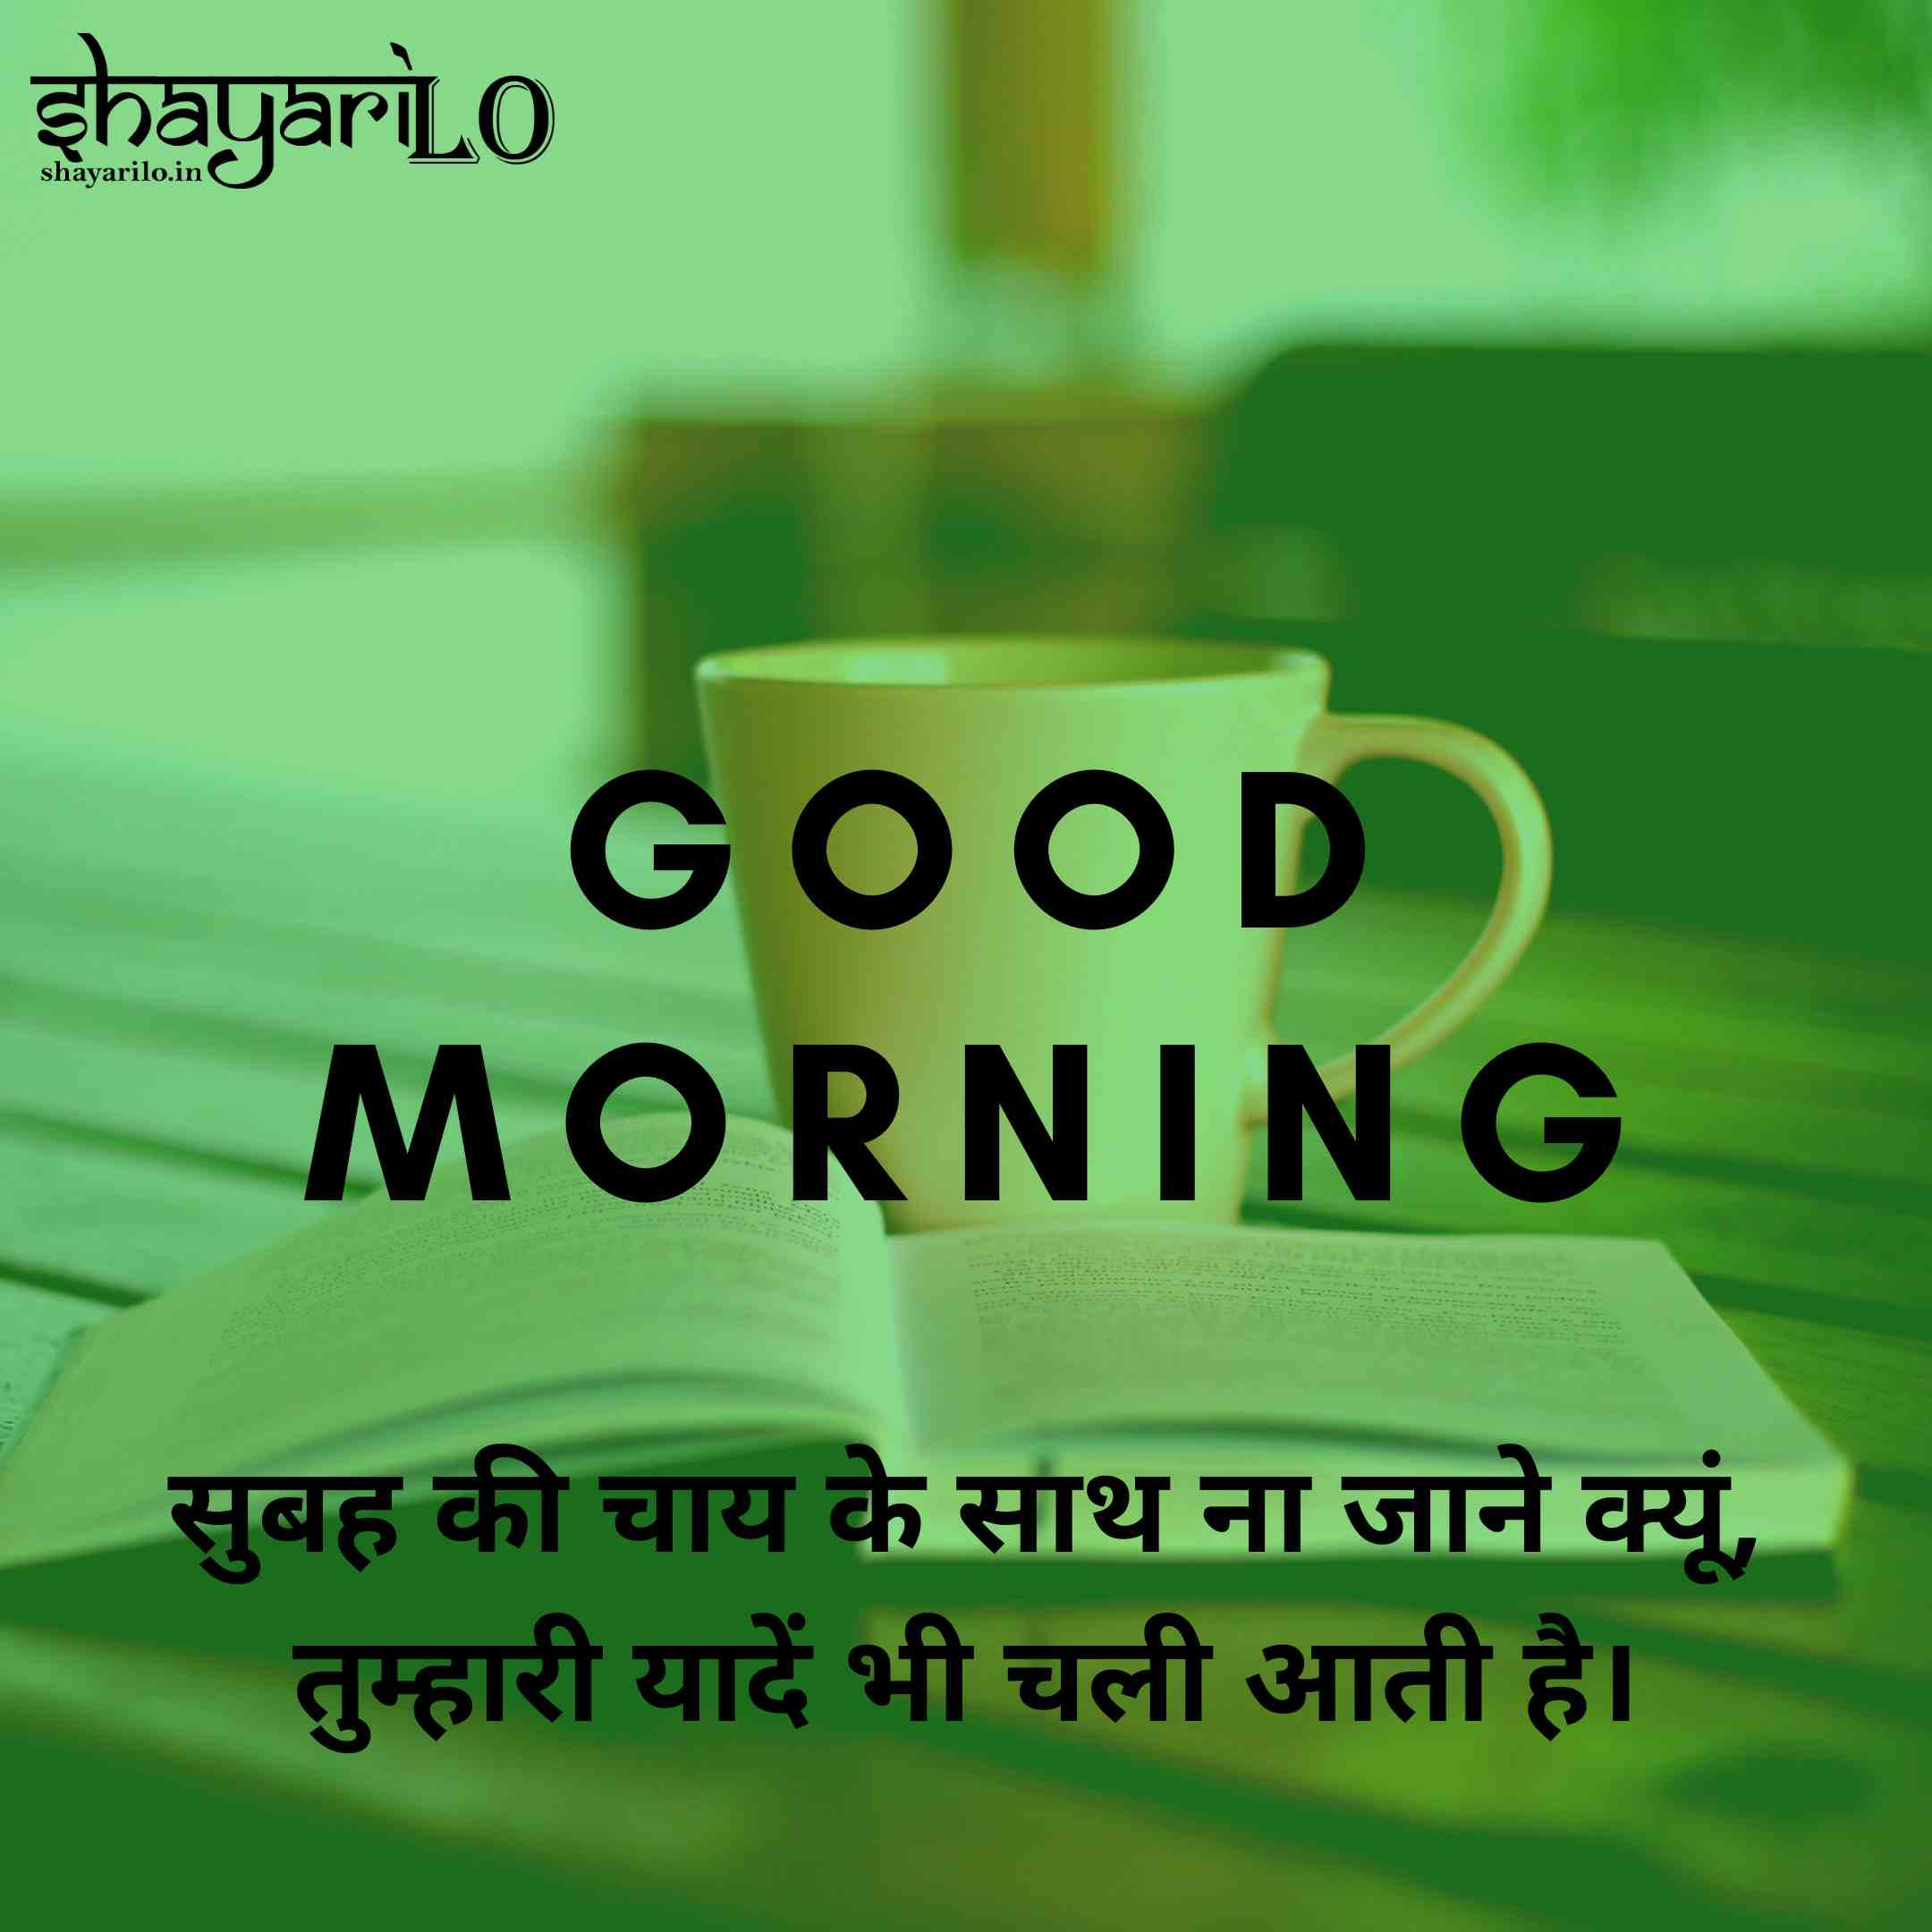 Tea morning Shayari